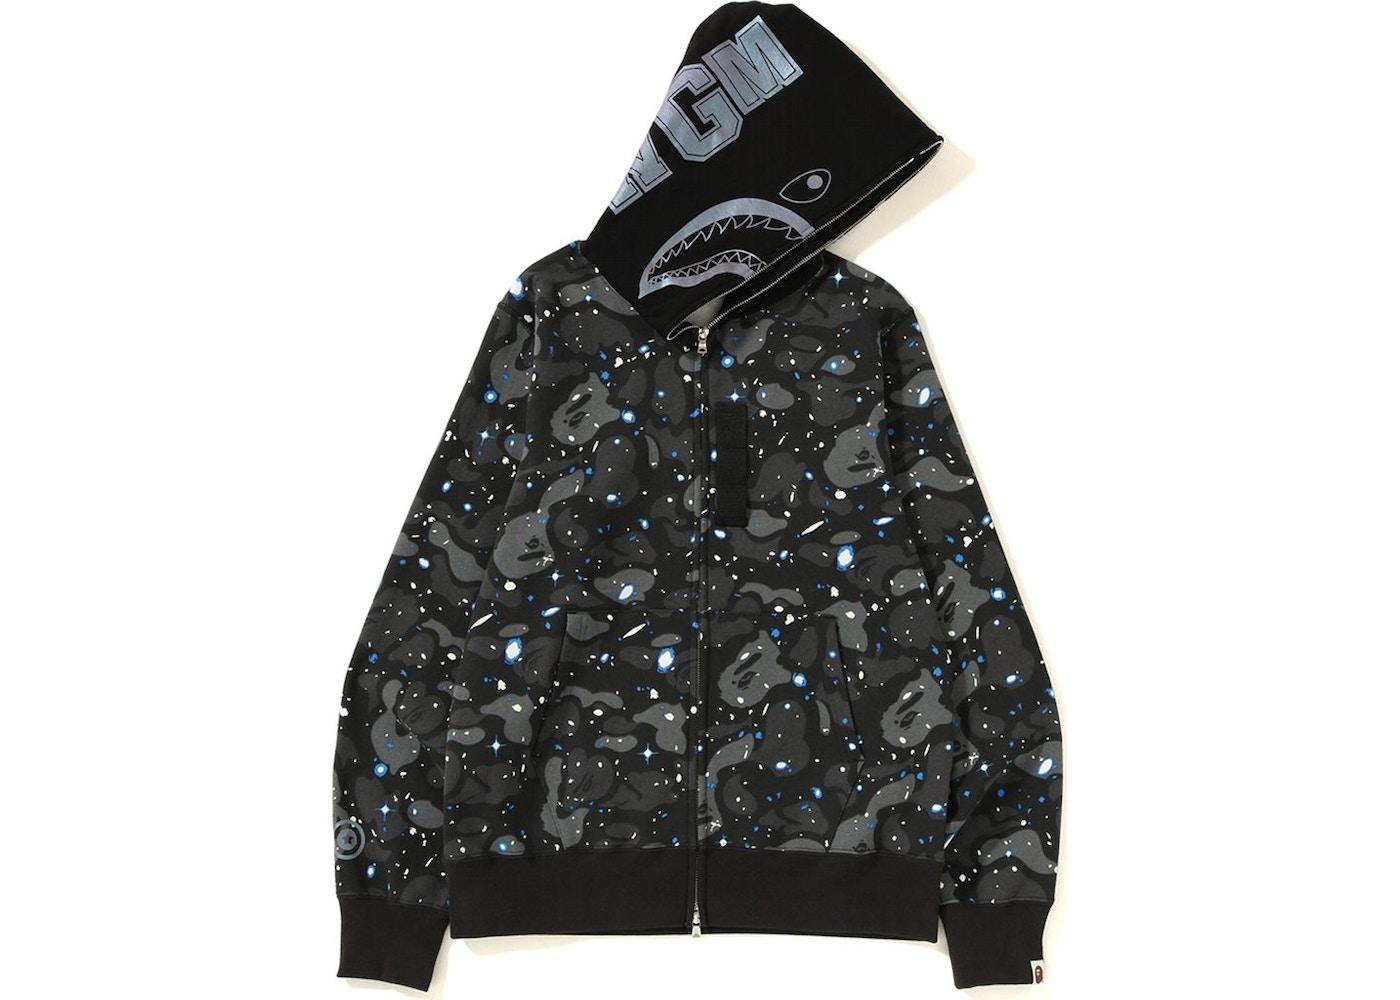 3bb5960f Streetwear - Bape Tops/Sweatshirts - Highest Bid